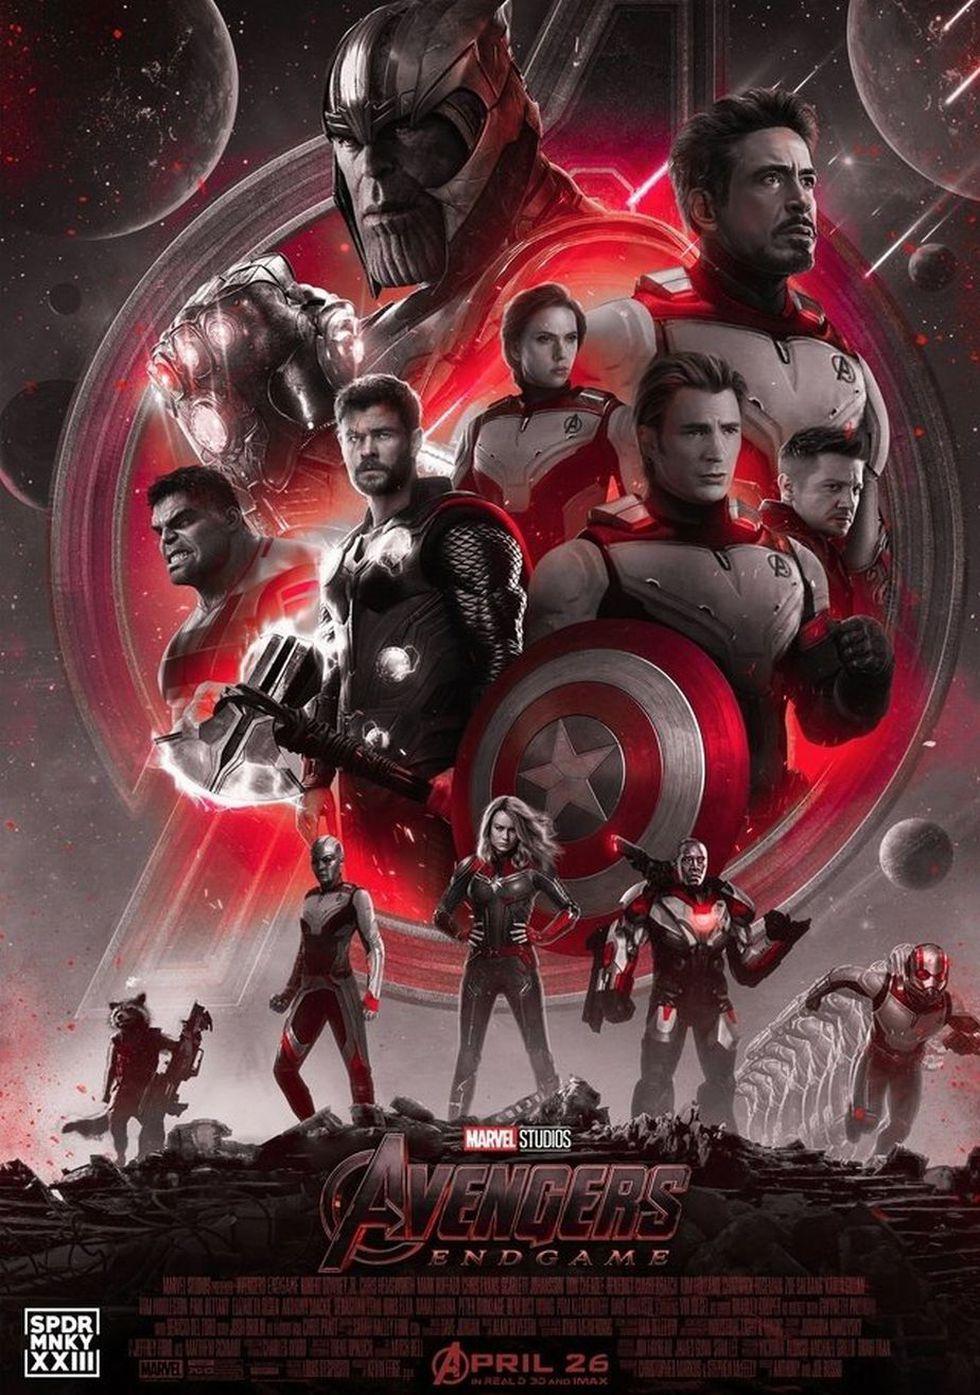 Fan art de los Avengers con sus trajes para ingresar al Reino Cuántico -al menos algunos de ellos (Foto: Instagram / spdrmnkyxxiii)